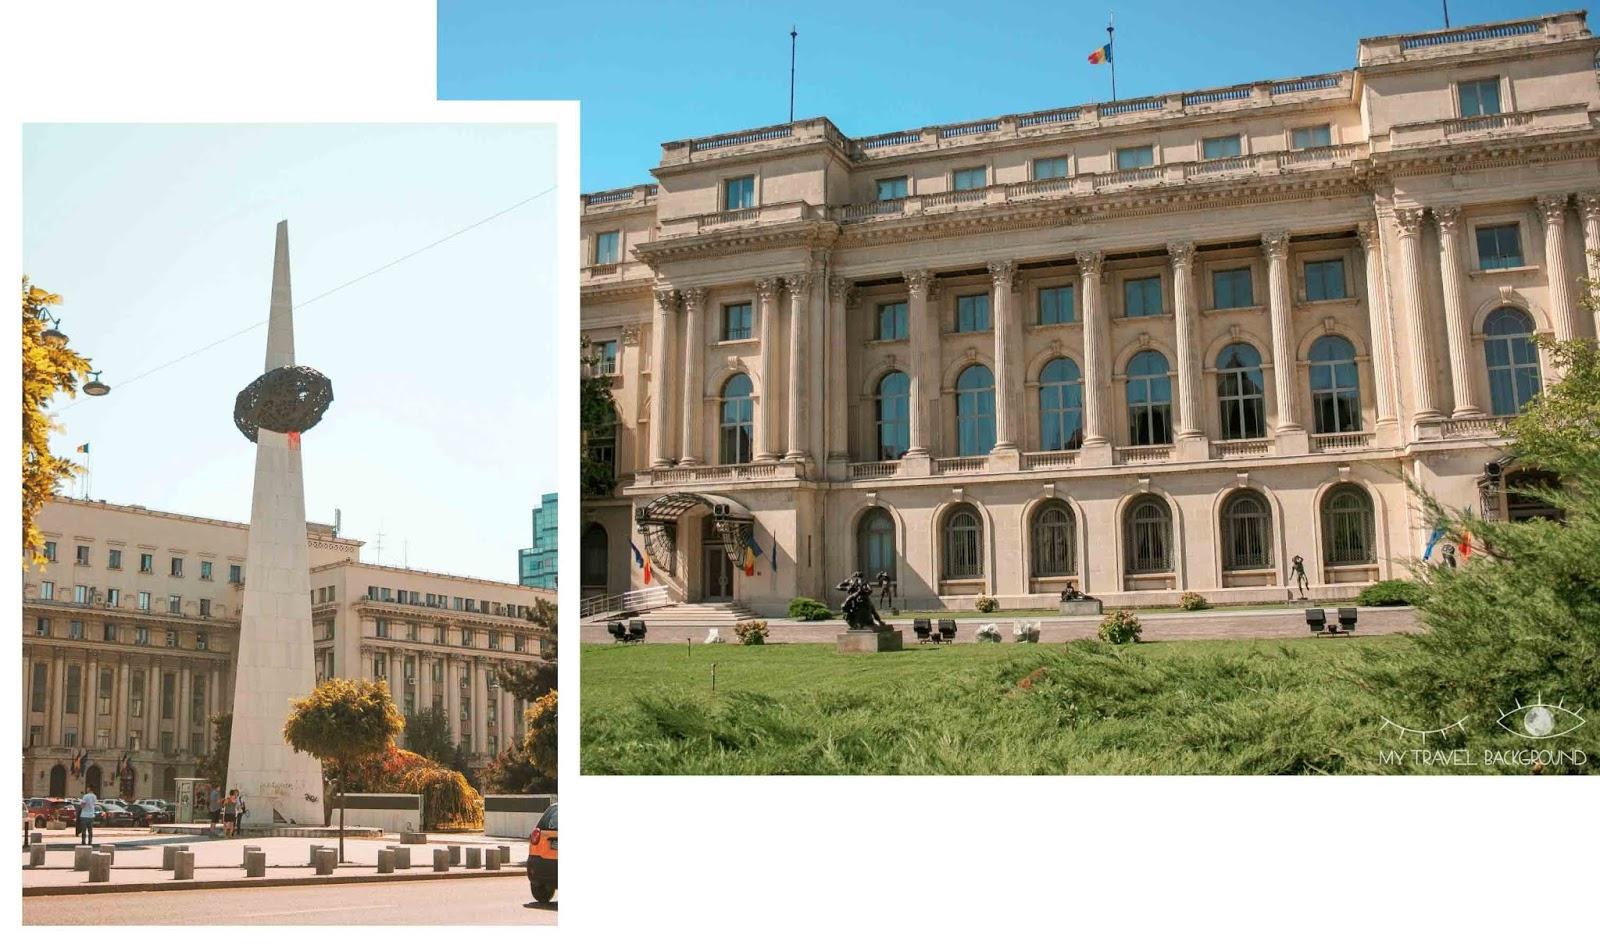 My Travel Background : 3 jours à Bucarest en Roumanie - Musée National d'Art de Roumanie - Memorial Renasterii